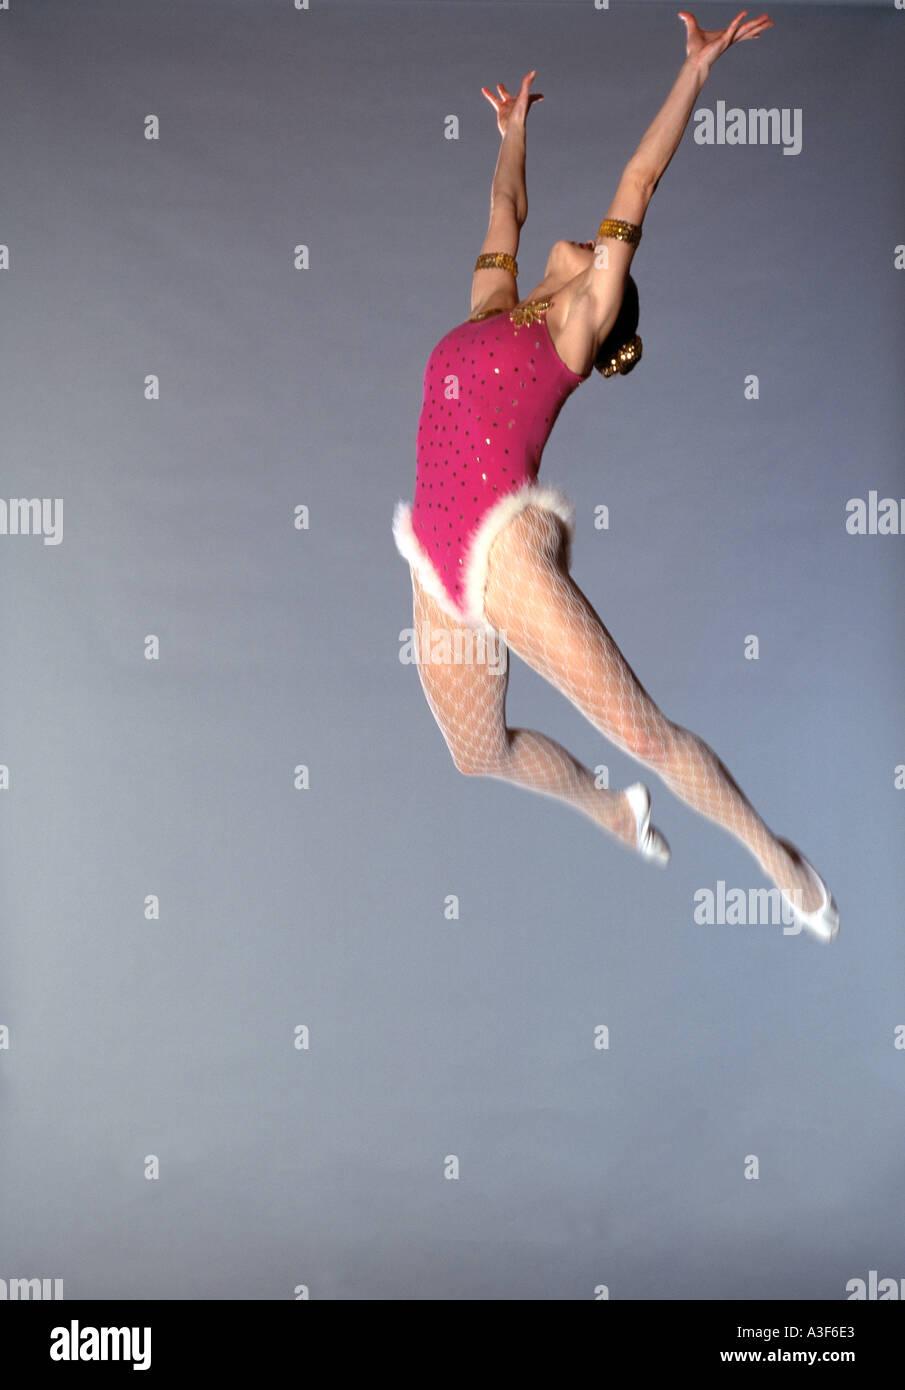 Trapezista volare attraverso l'aria lo sfondo grigio Foto Stock